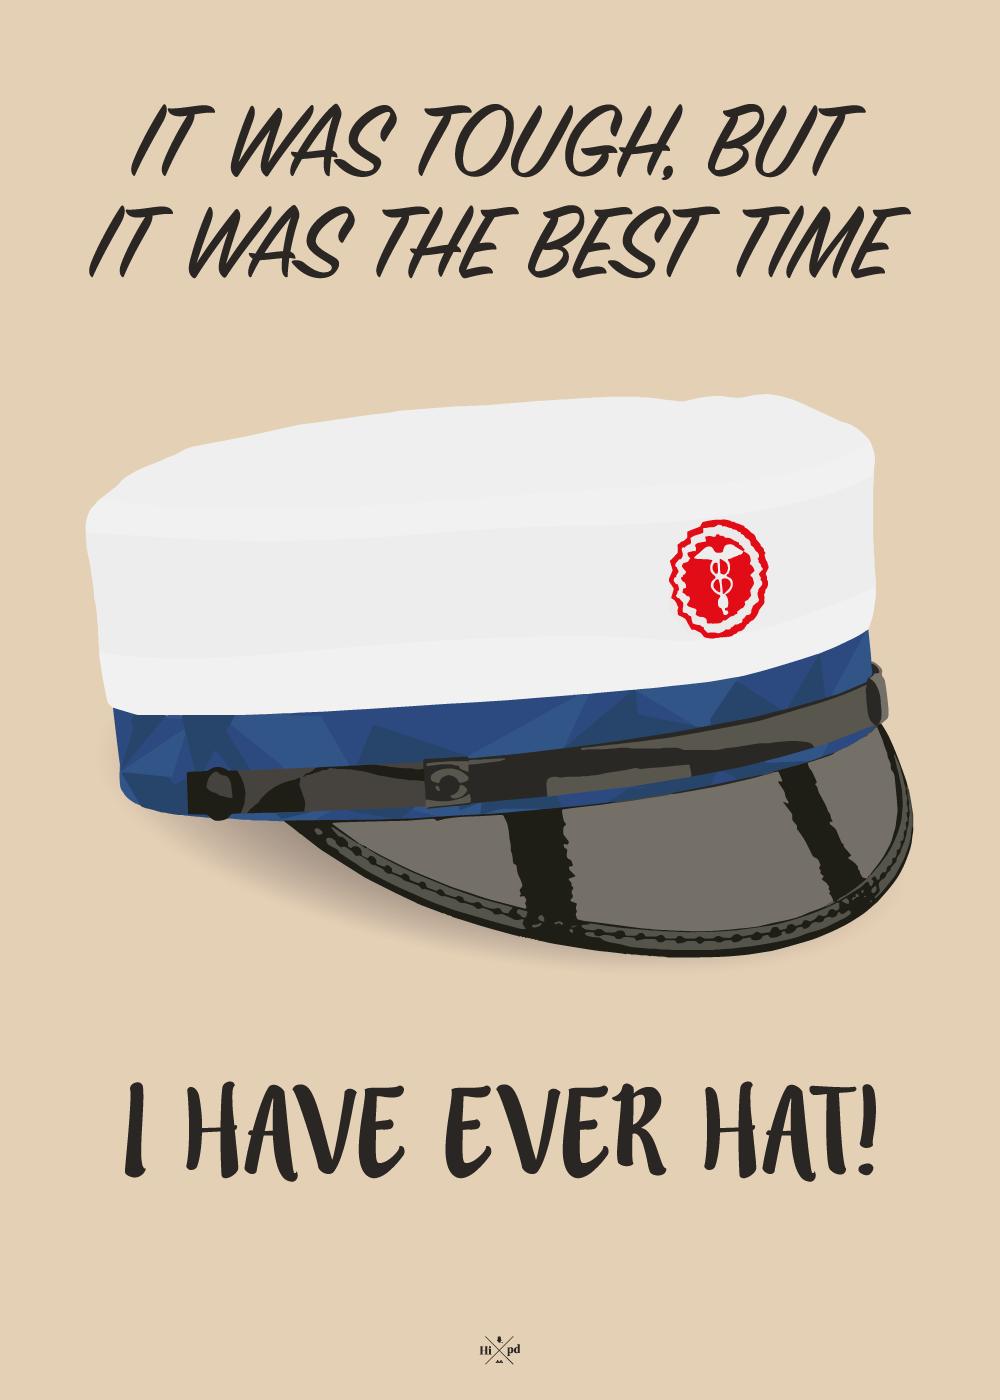 Billede af Studenter plakat - The best time i have ever hat